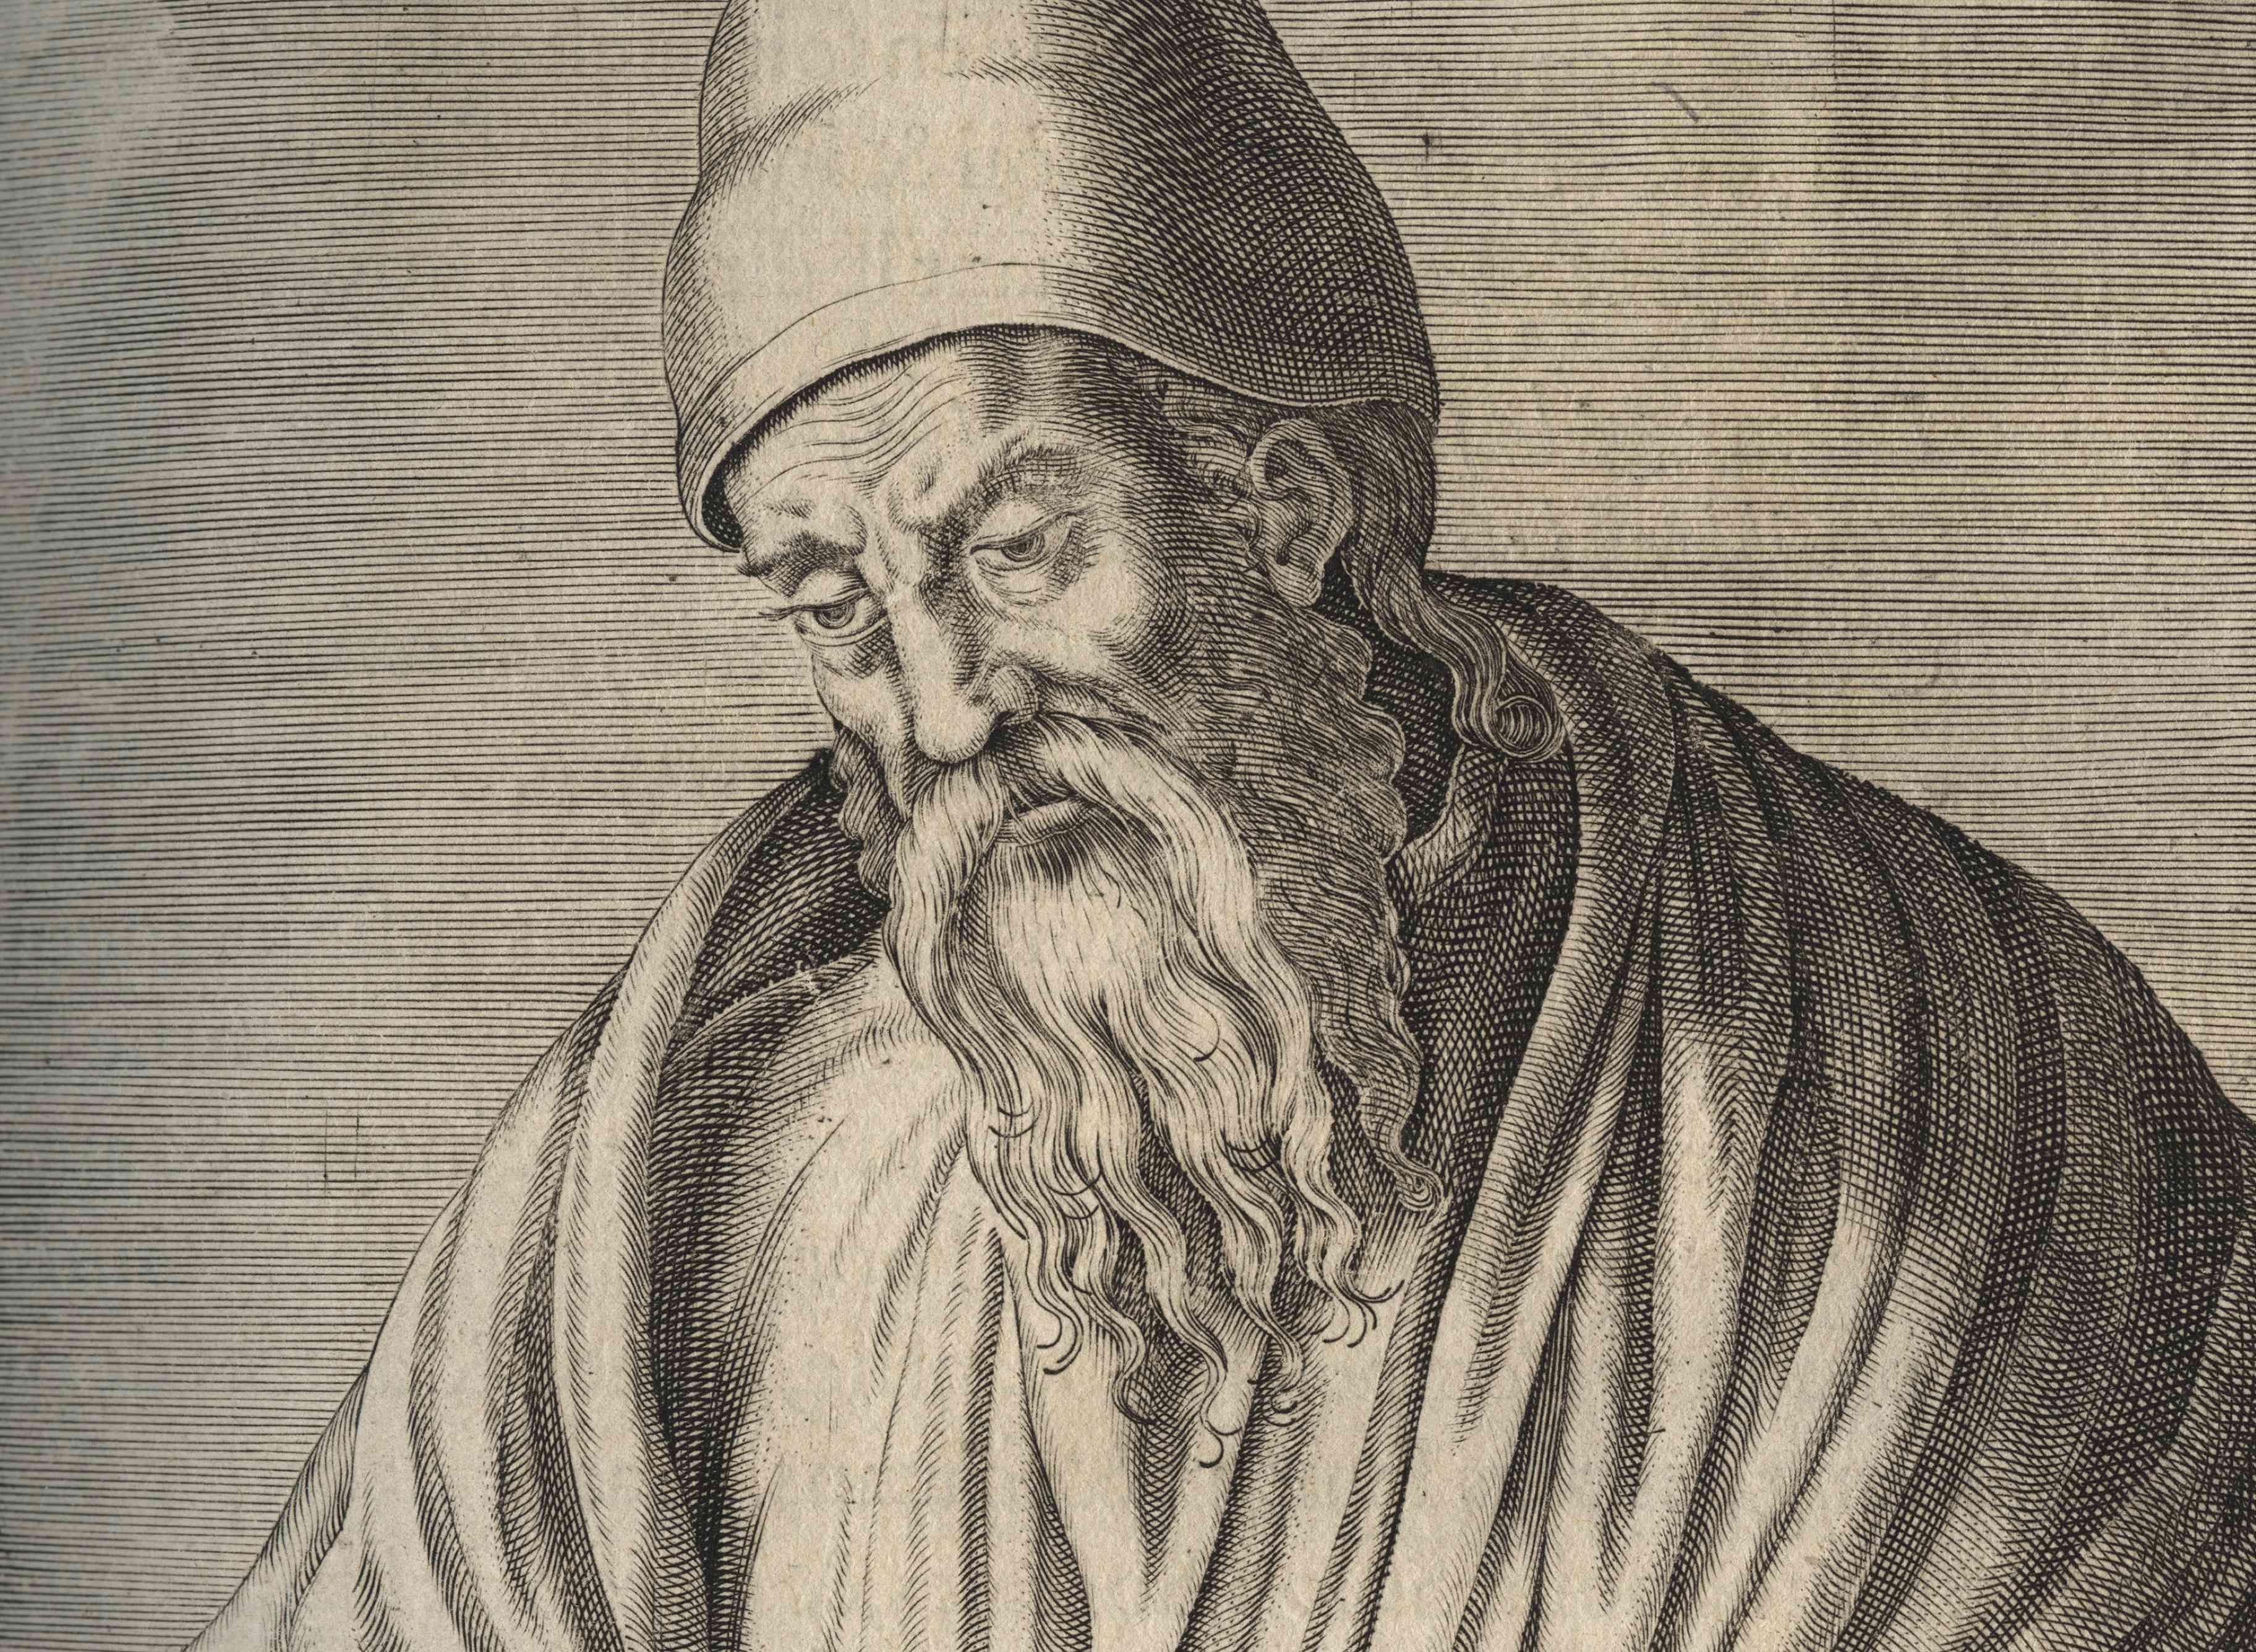 Pencil sketch of Euclid.